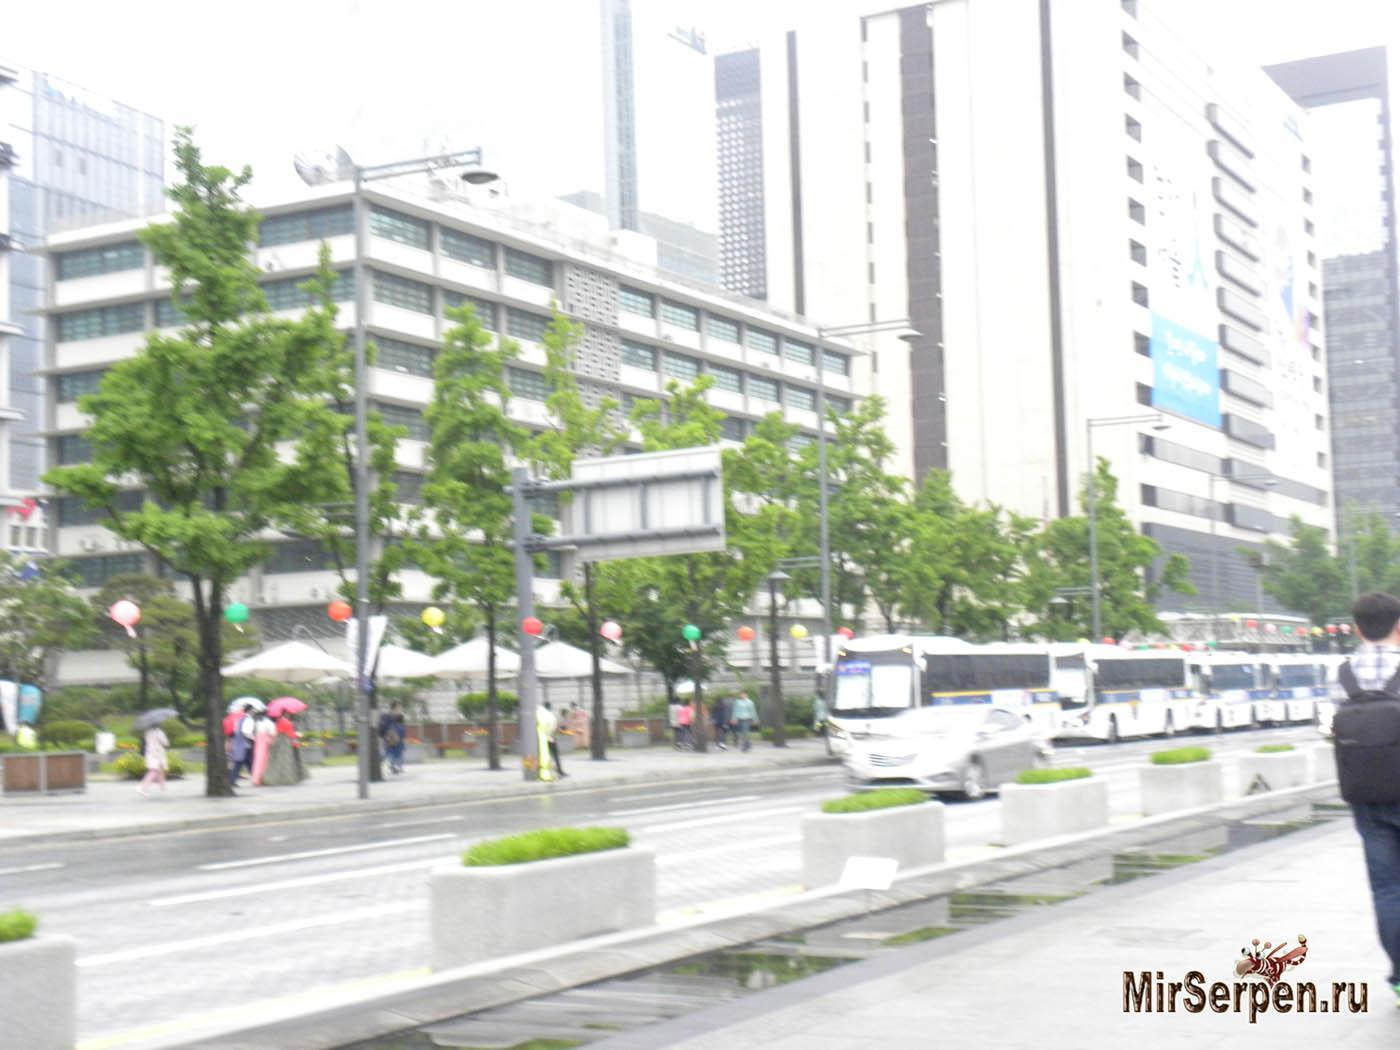 Американское посольство в Сеуле